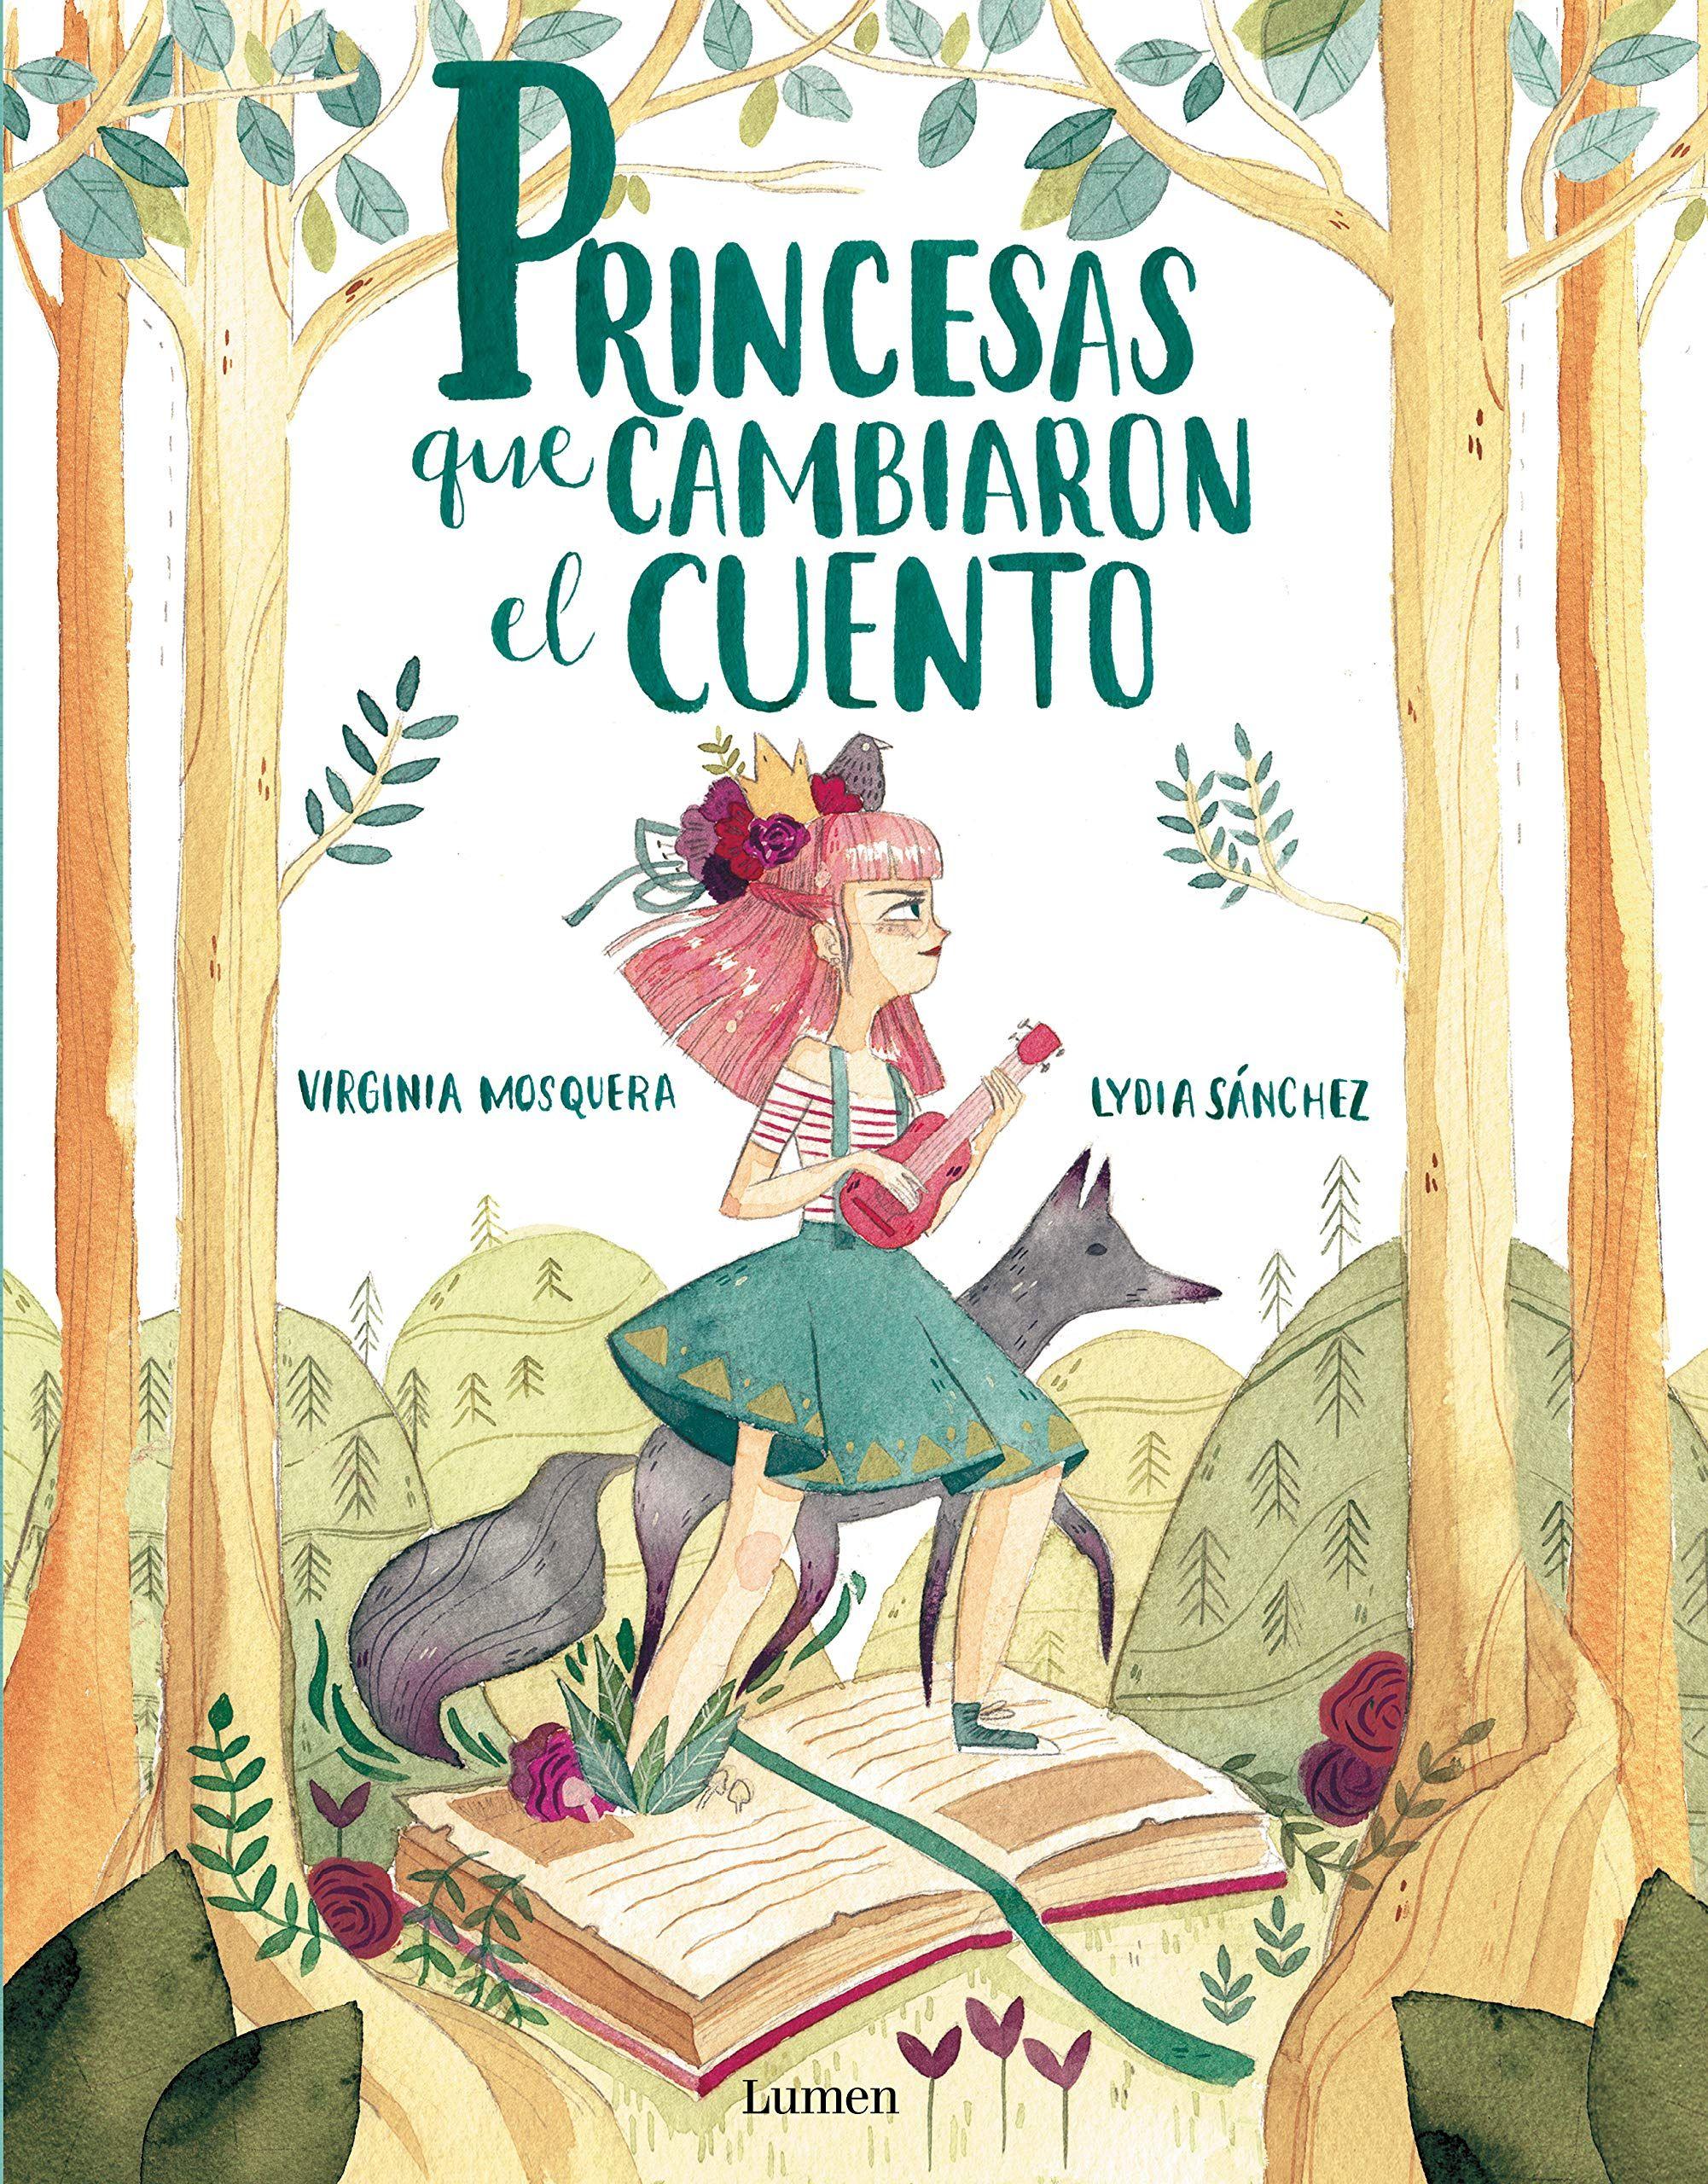 Princesas que cambiaron el cuento, Virginia Mosquera y Lydia Sánchez